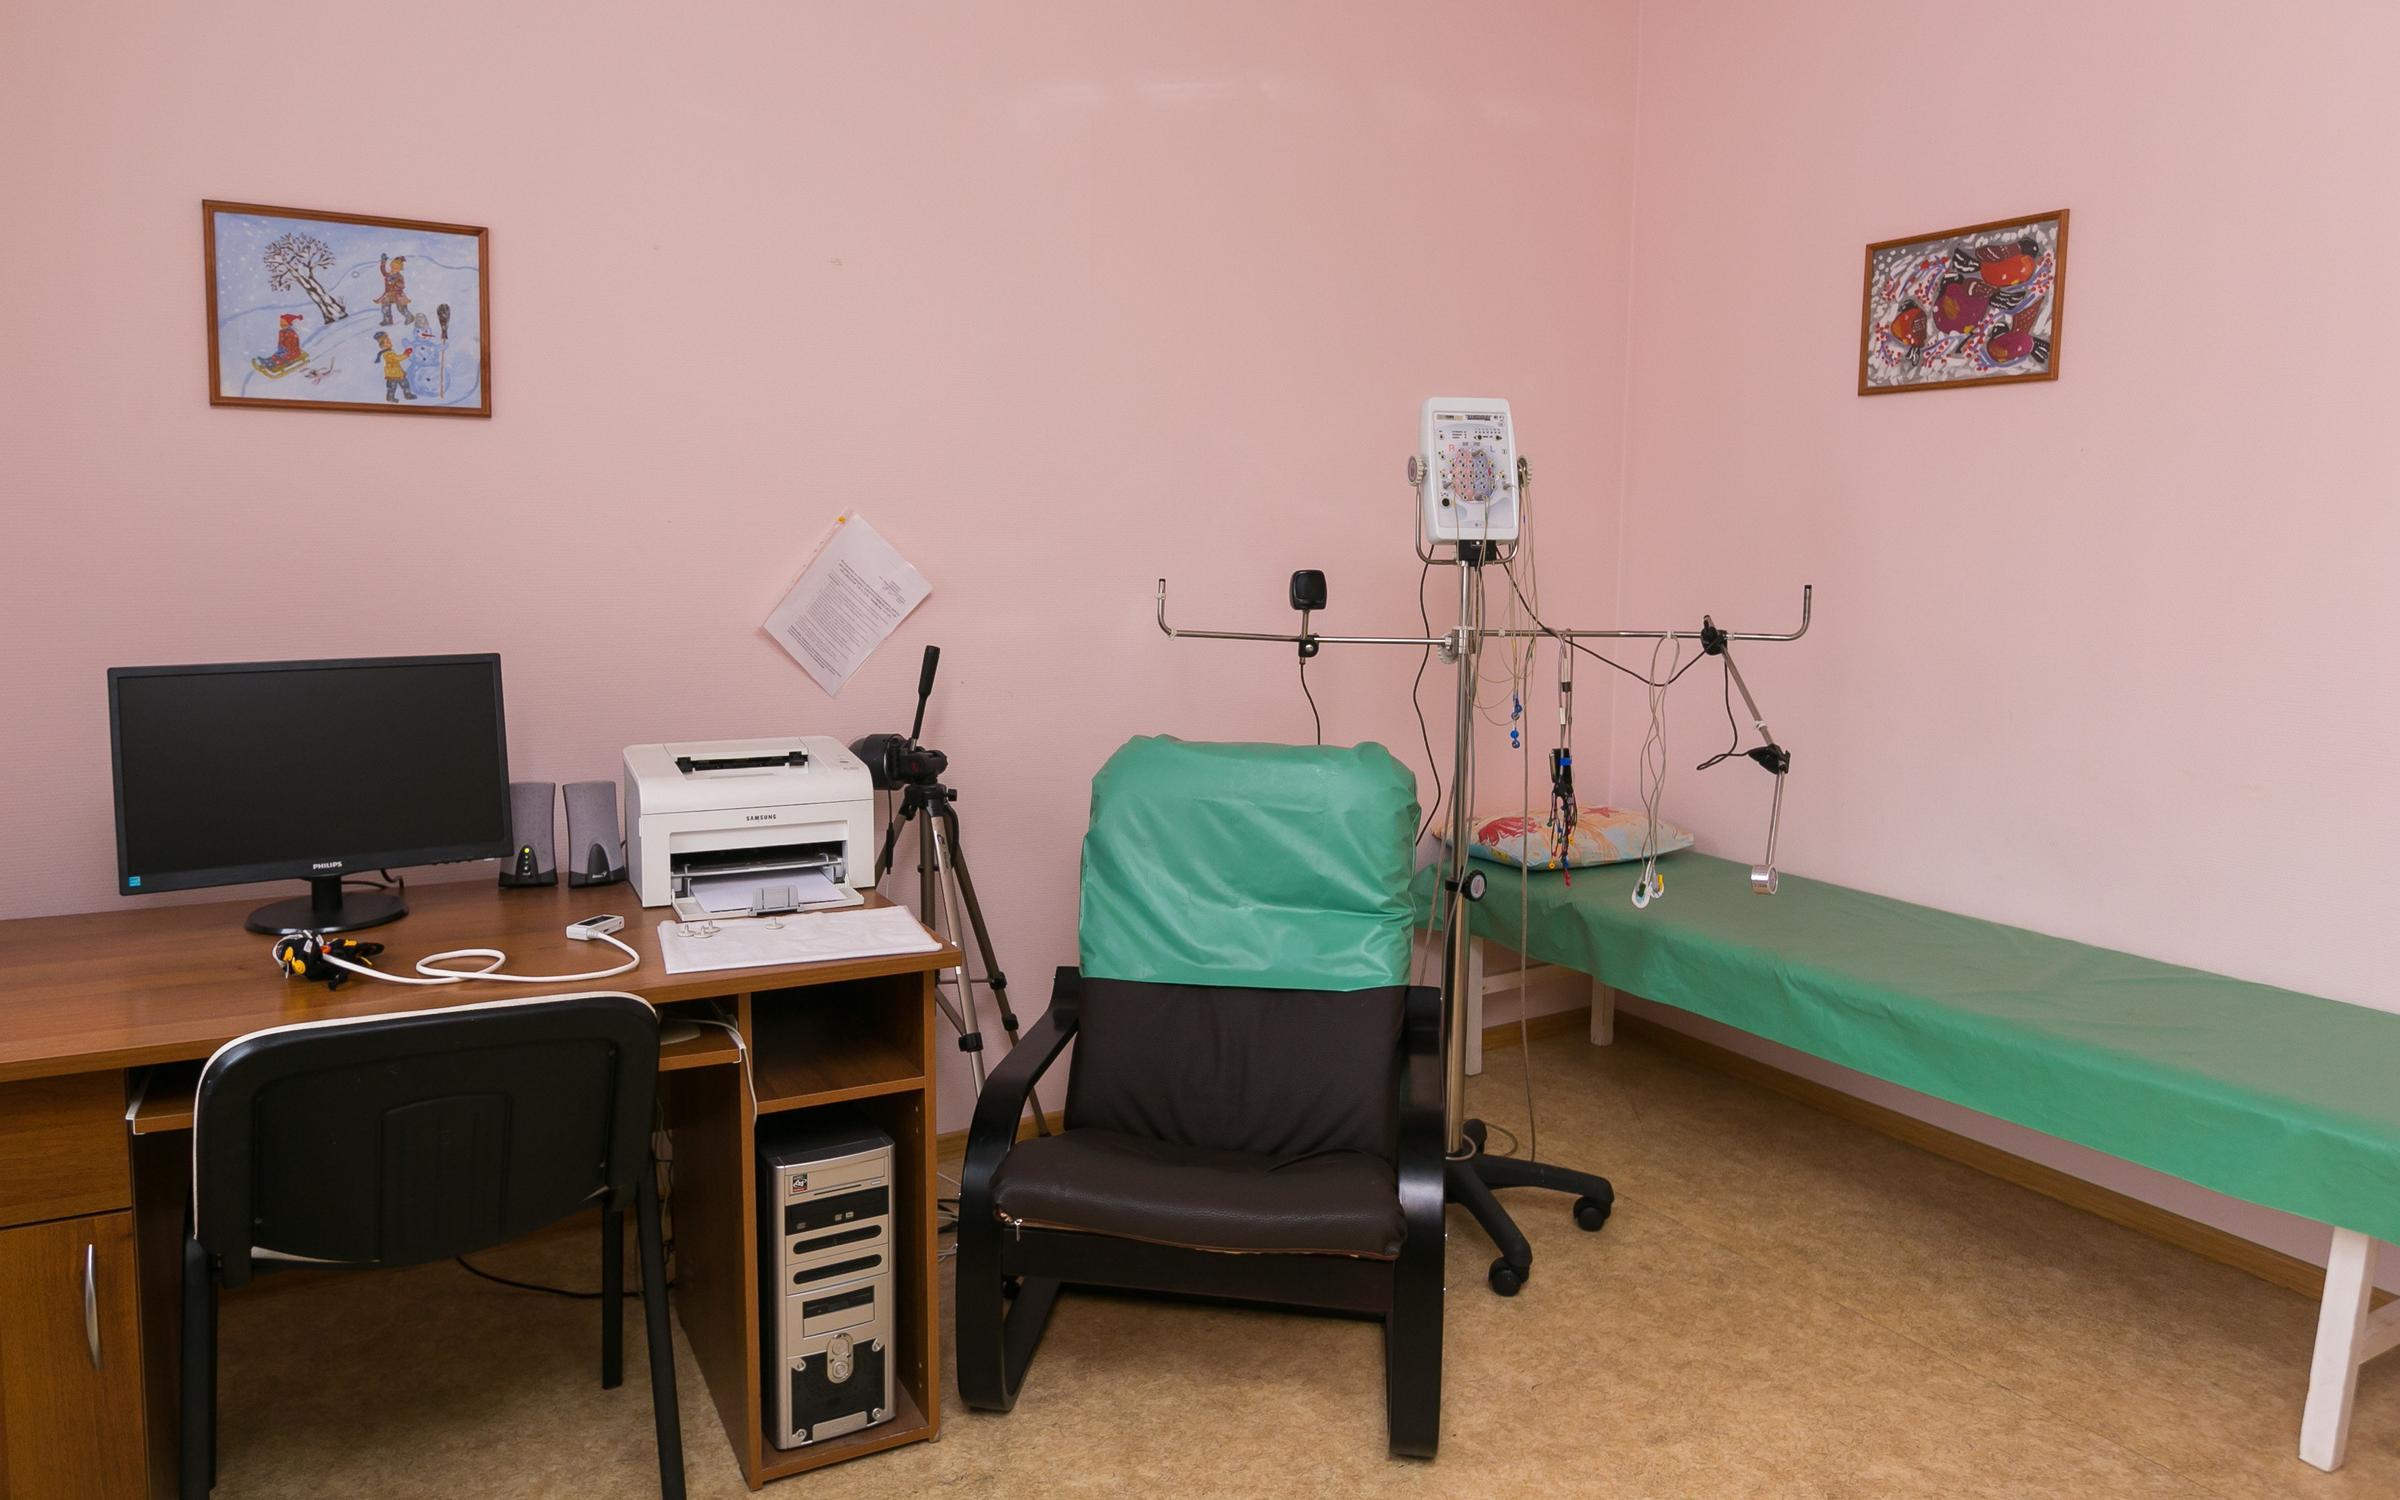 Клиника сперанского красноярск отзывы лечение алкоголизма доктор шушкевич лечение алкоголизма в могилеве